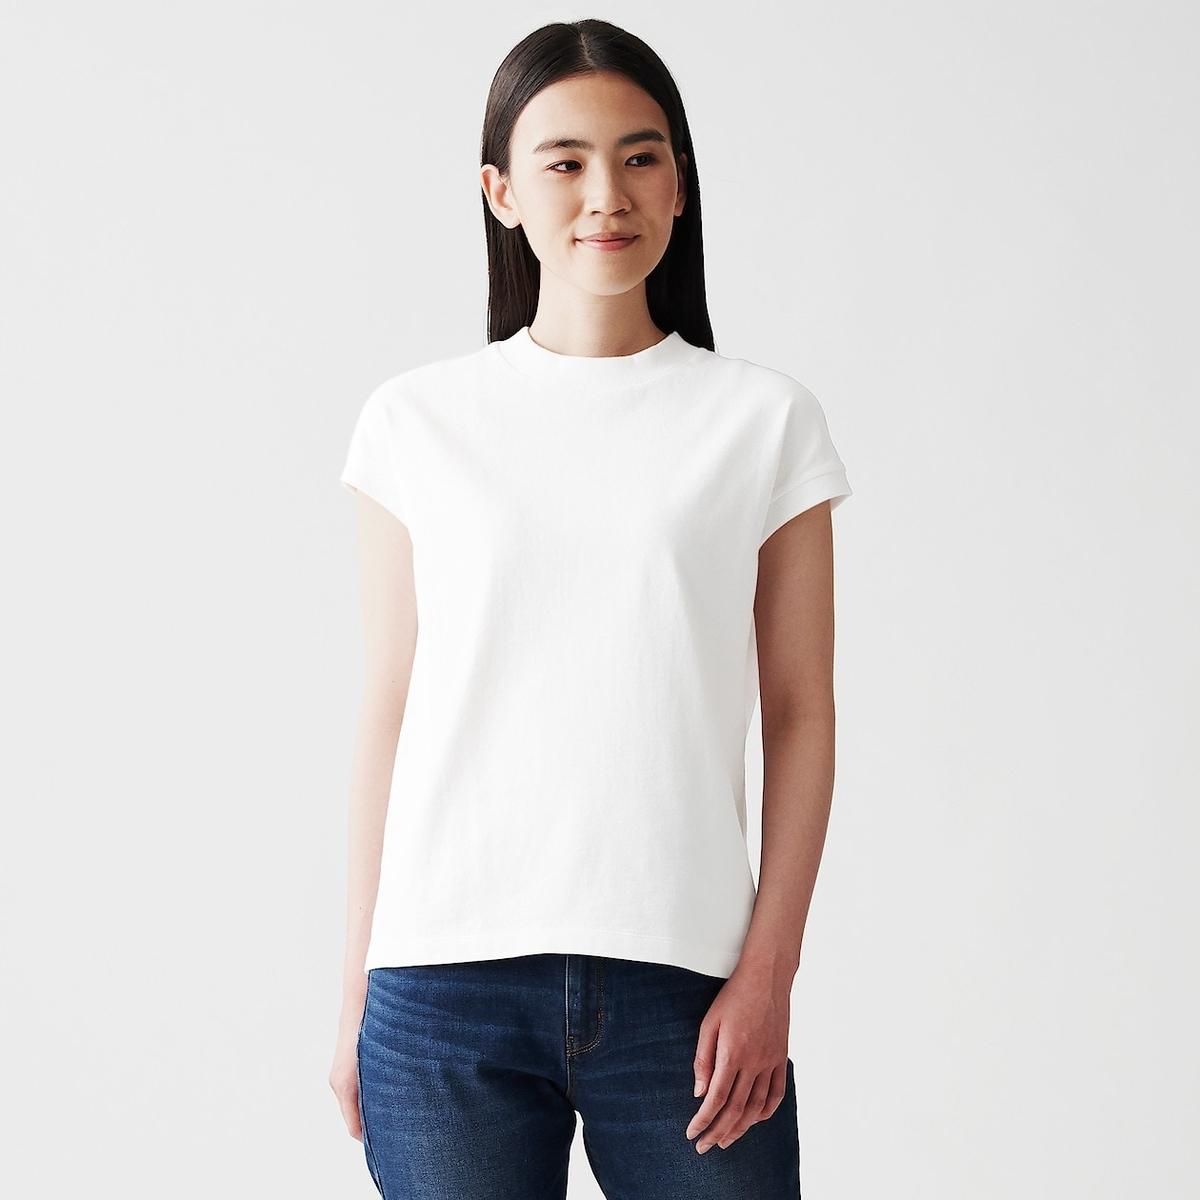 太番手天竺編みフレンチスリーブTシャツ